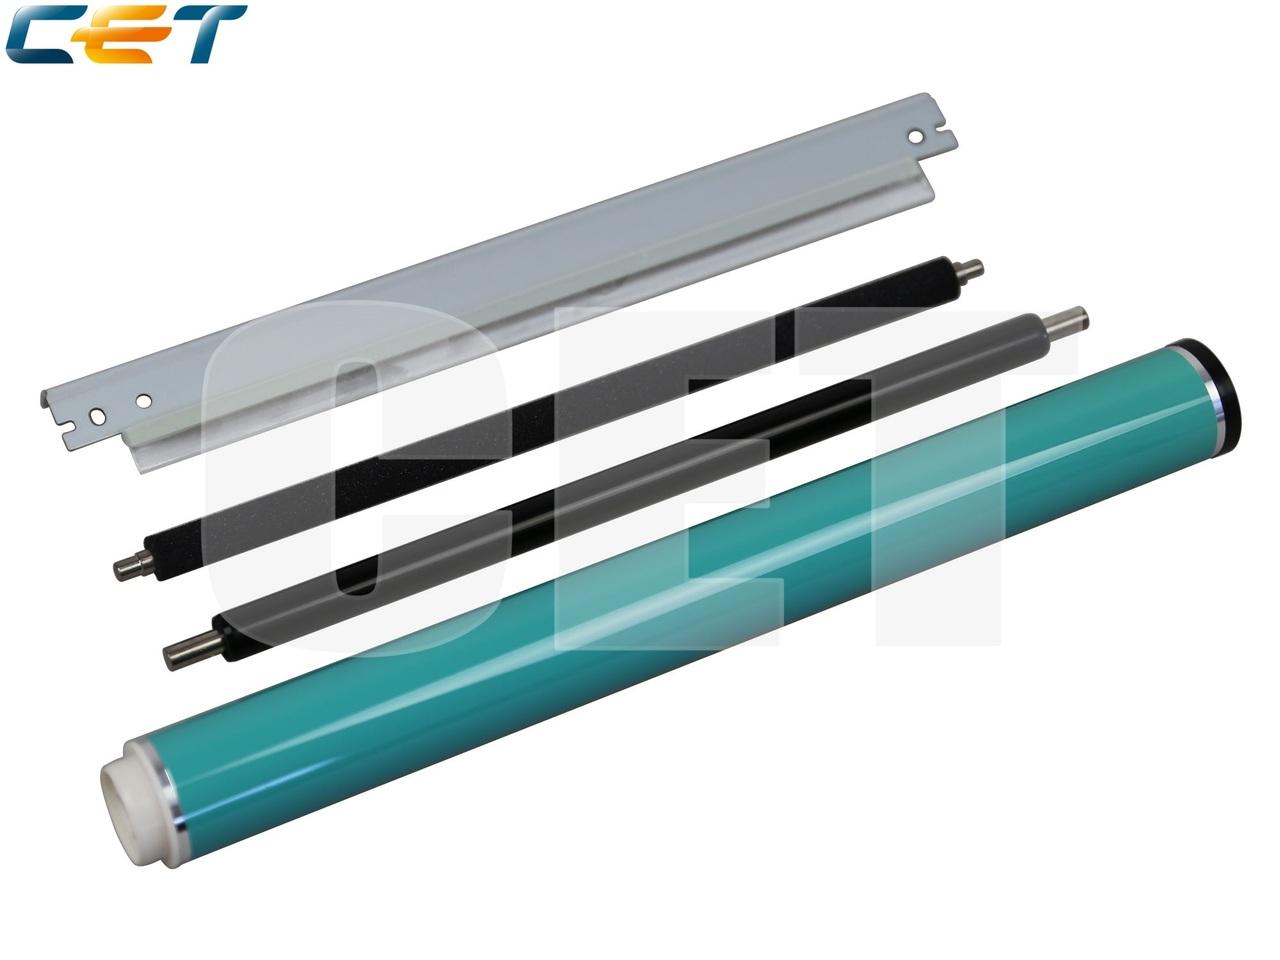 Комплект восст. драм-юнита (барабан, ракель, PCR, ролик оч.PCR) GPR39 для CANON iR1730/1740/1750/iR ADVANCE400/500 (CET), 100000 стр., CET5180N